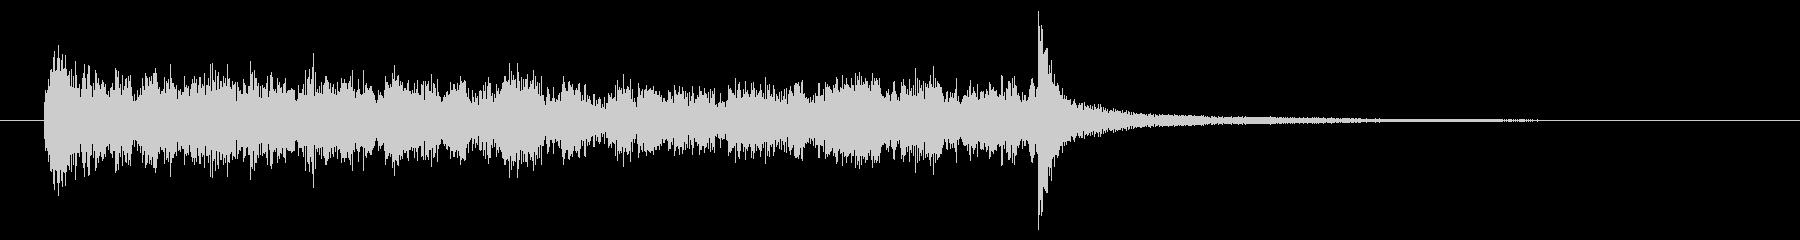 Gフラットの打楽器ティンパニロール...の未再生の波形